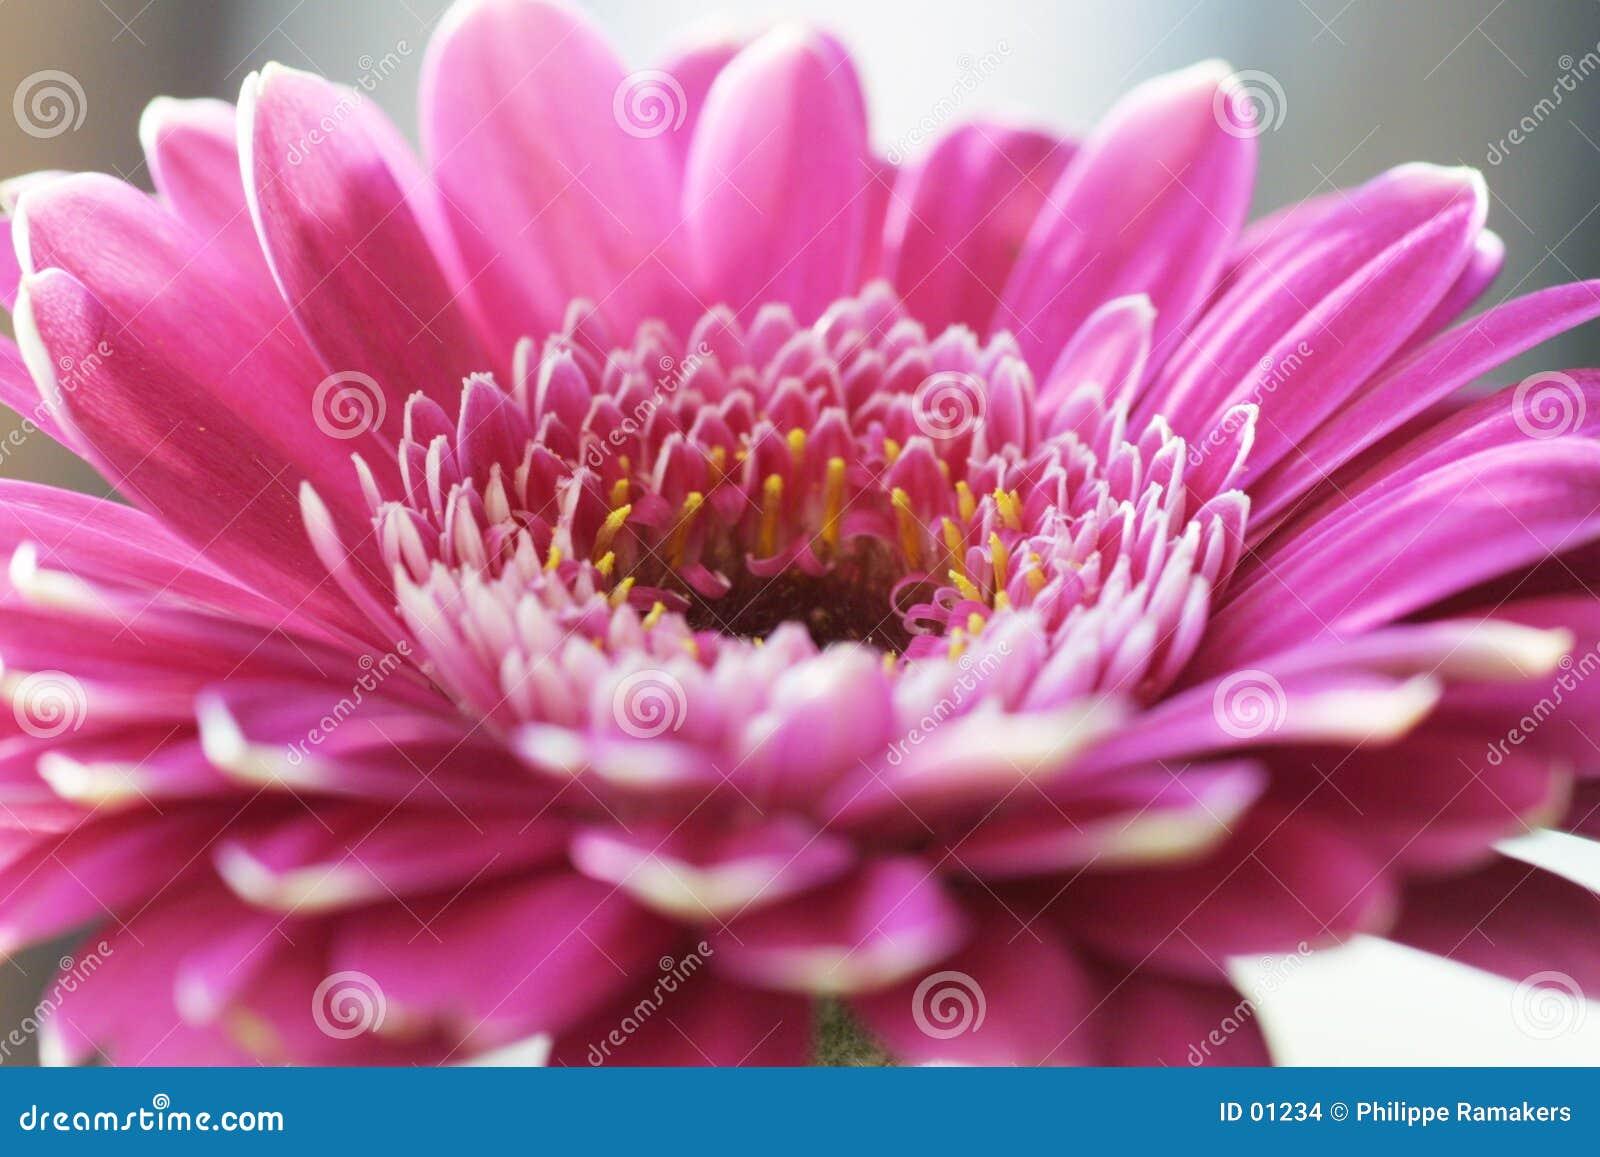 De bloem van Gerbera